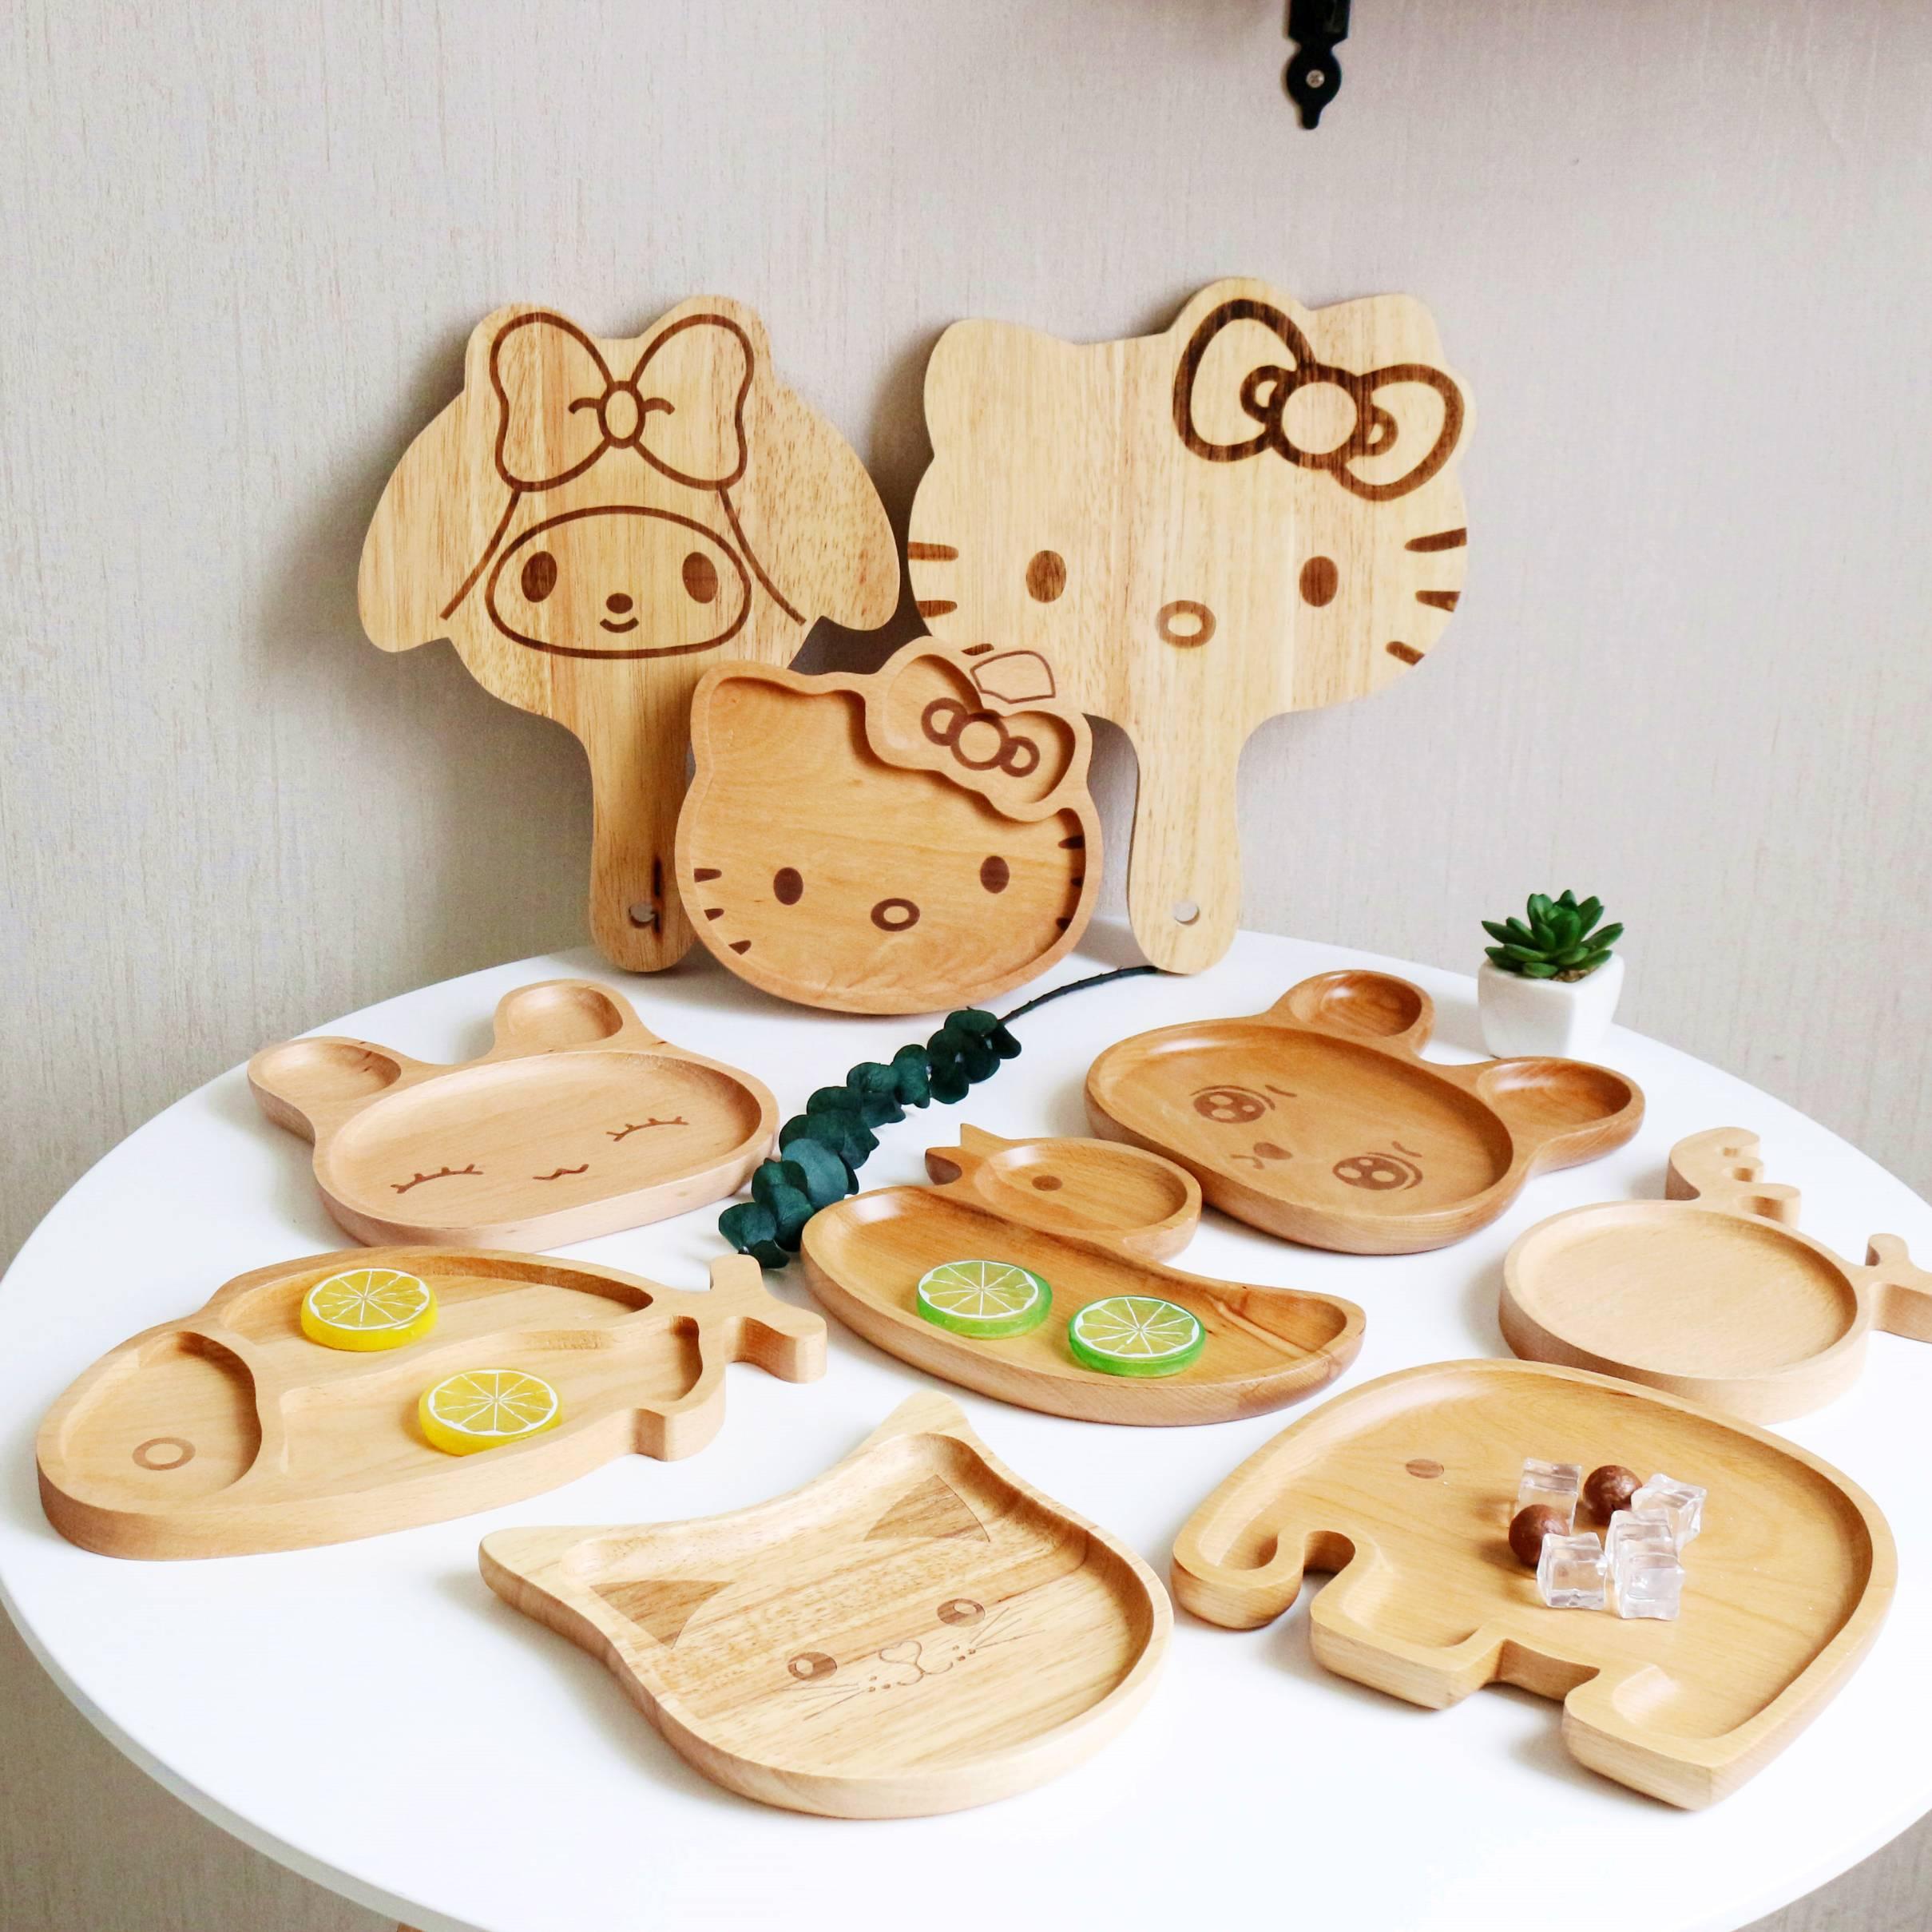 Nhật bản-phong cách bộ đồ ăn bằng gỗ phim hoạt hình sáng tạo trẻ em của tấm dễ thương khay gỗ lưới món ăn bằng gỗ snack tấm